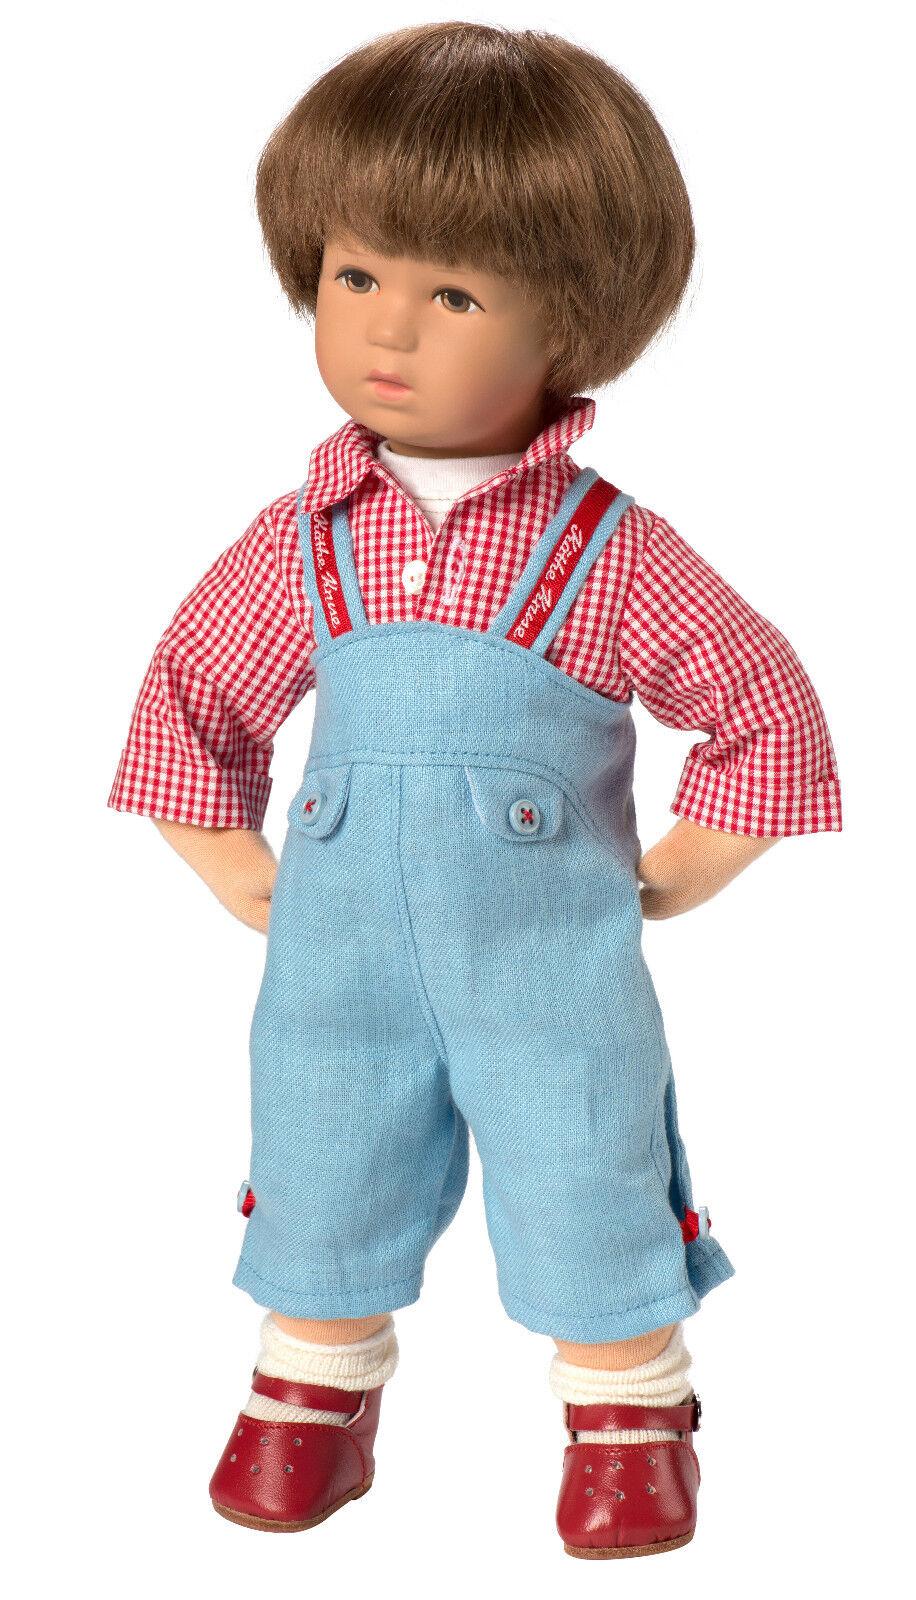 Käthe Kruse 34813 Puppe Felix 34 cm  NEU